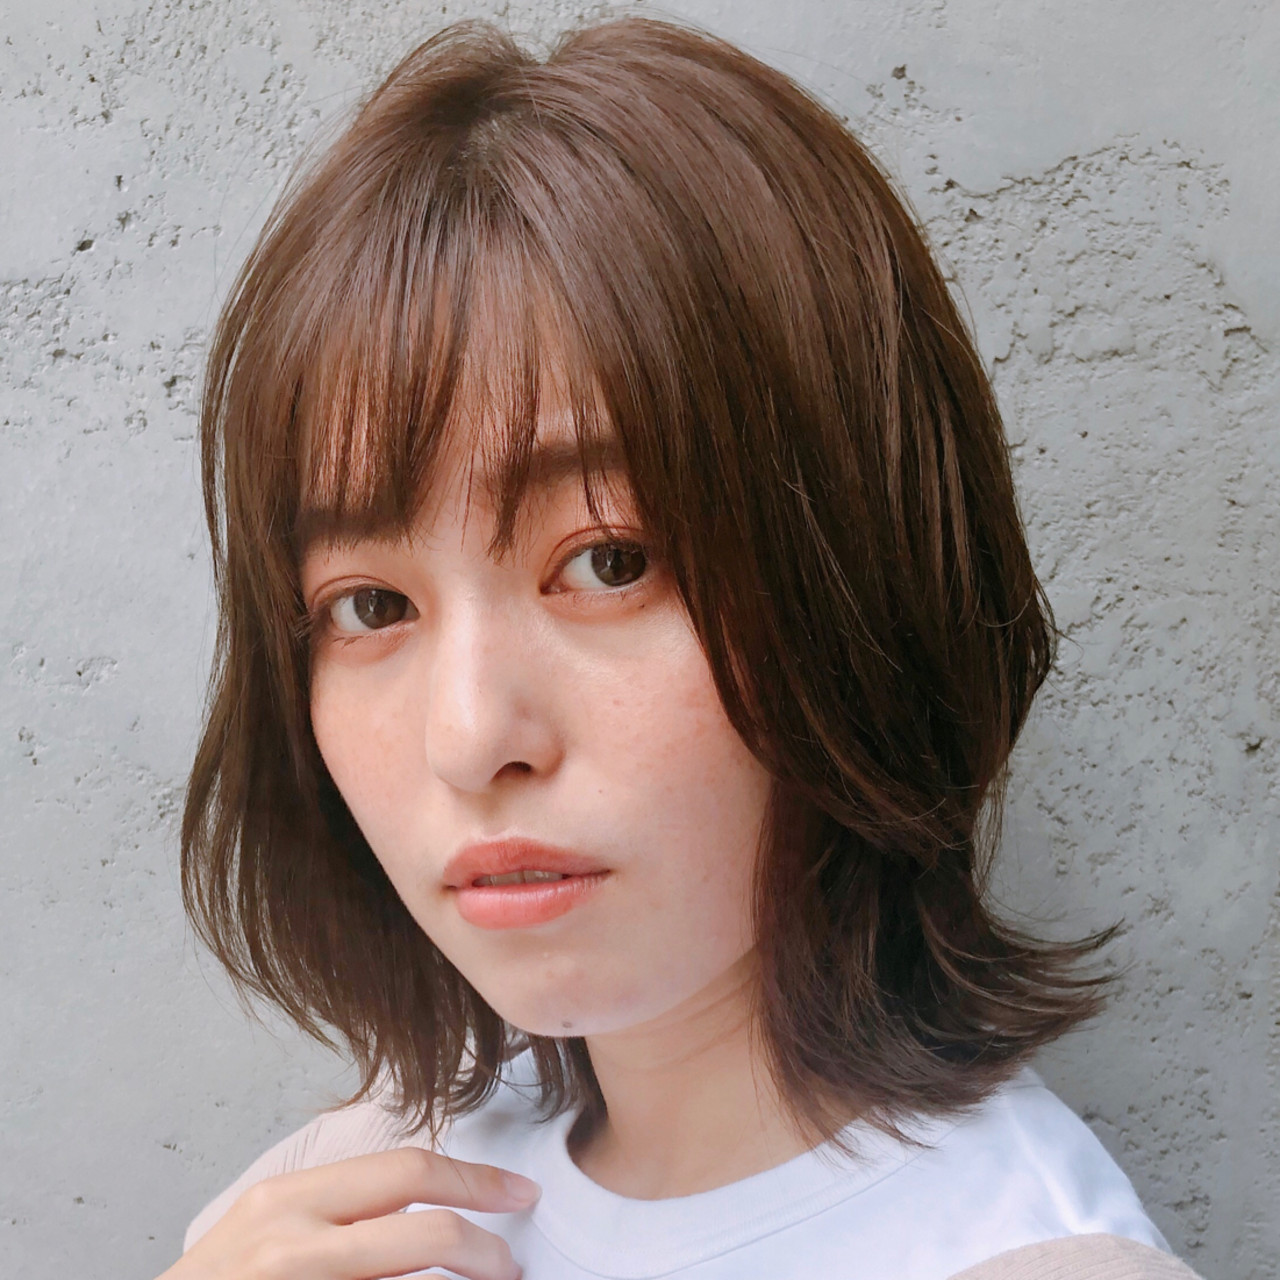 アンニュイほつれヘア オフィス ミディアム 愛され ヘアスタイルや髪型の写真・画像